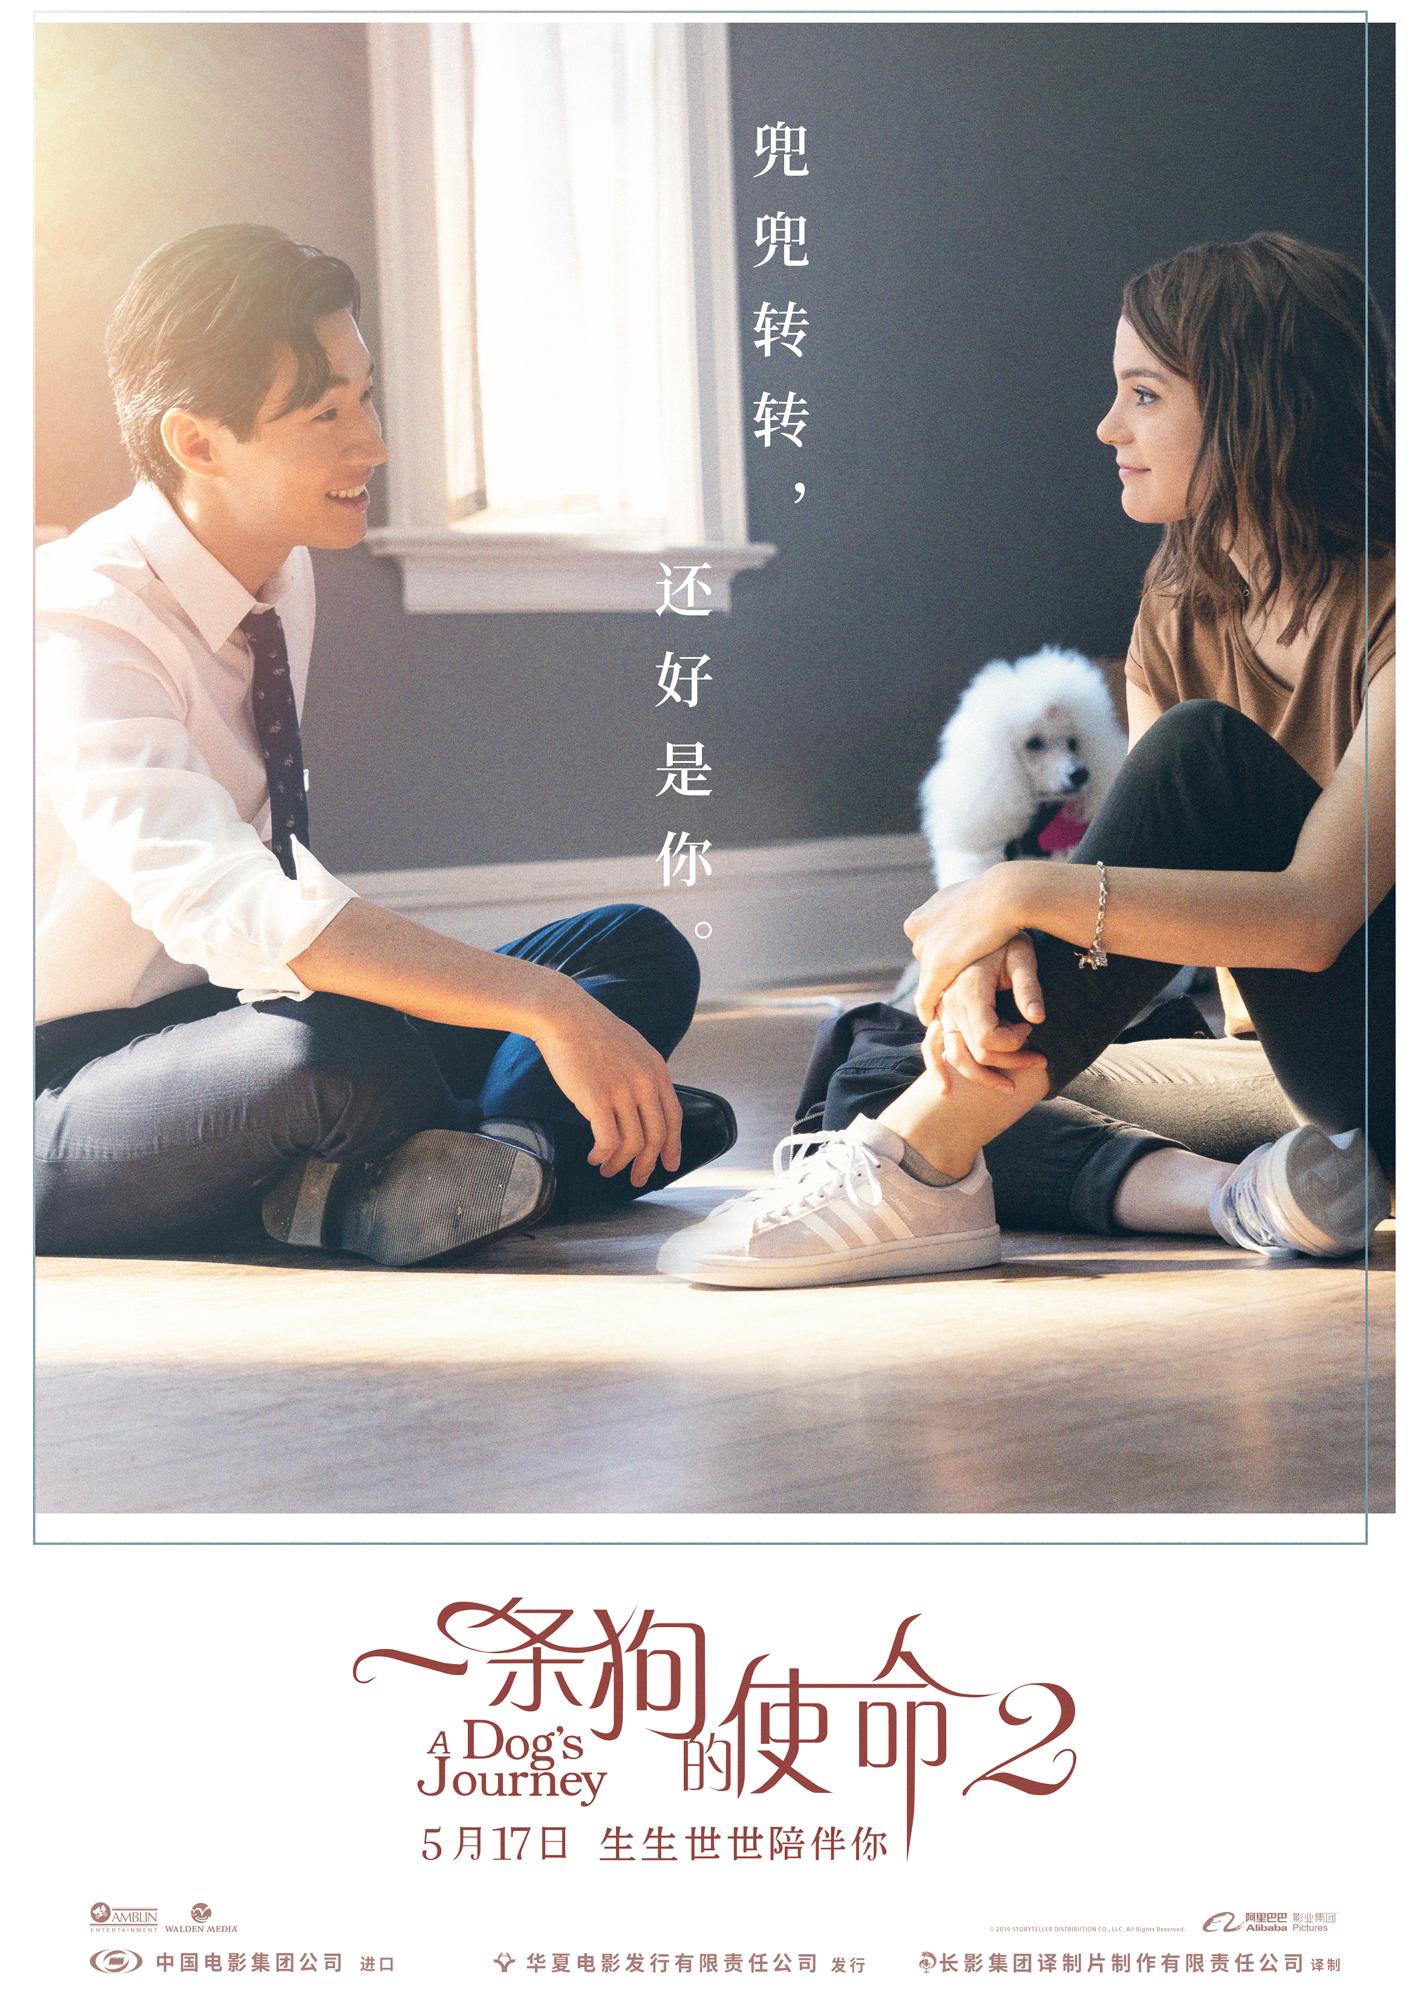 催泪巨制《一条狗的使命2》热映 刘宪华暖心加盟